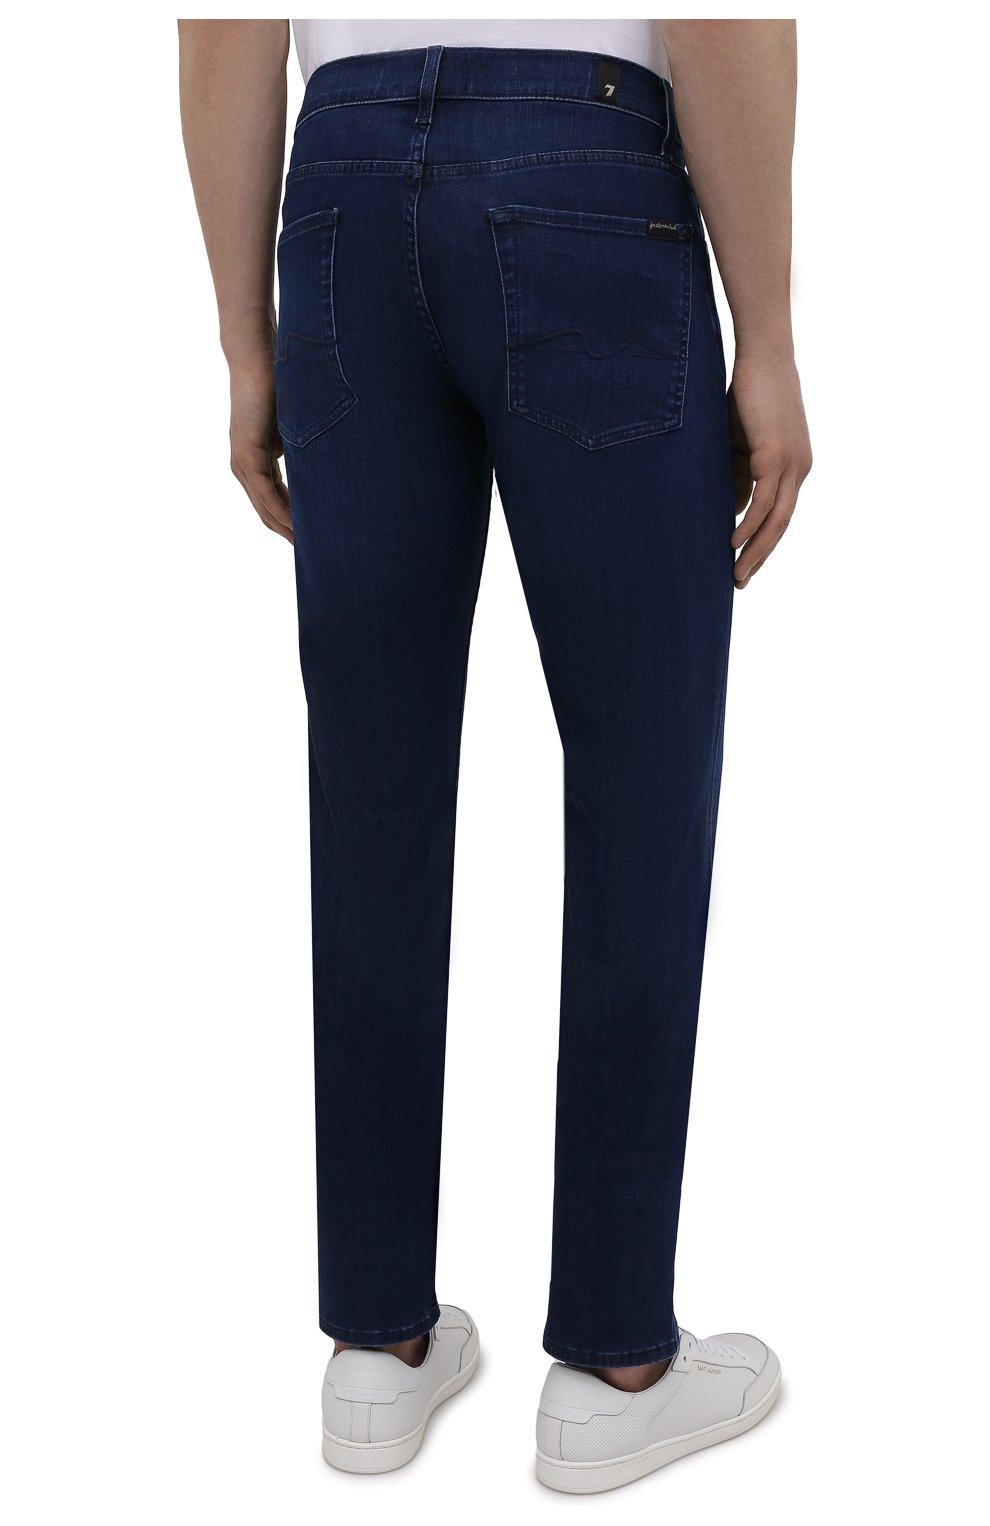 Мужские джинсы 7 FOR ALL MANKIND синего цвета, арт. JSMSB800LI | Фото 4 (Силуэт М (брюки): Прямые; Длина (брюки, джинсы): Стандартные; Материал внешний: Хлопок; Стили: Кэжуэл)